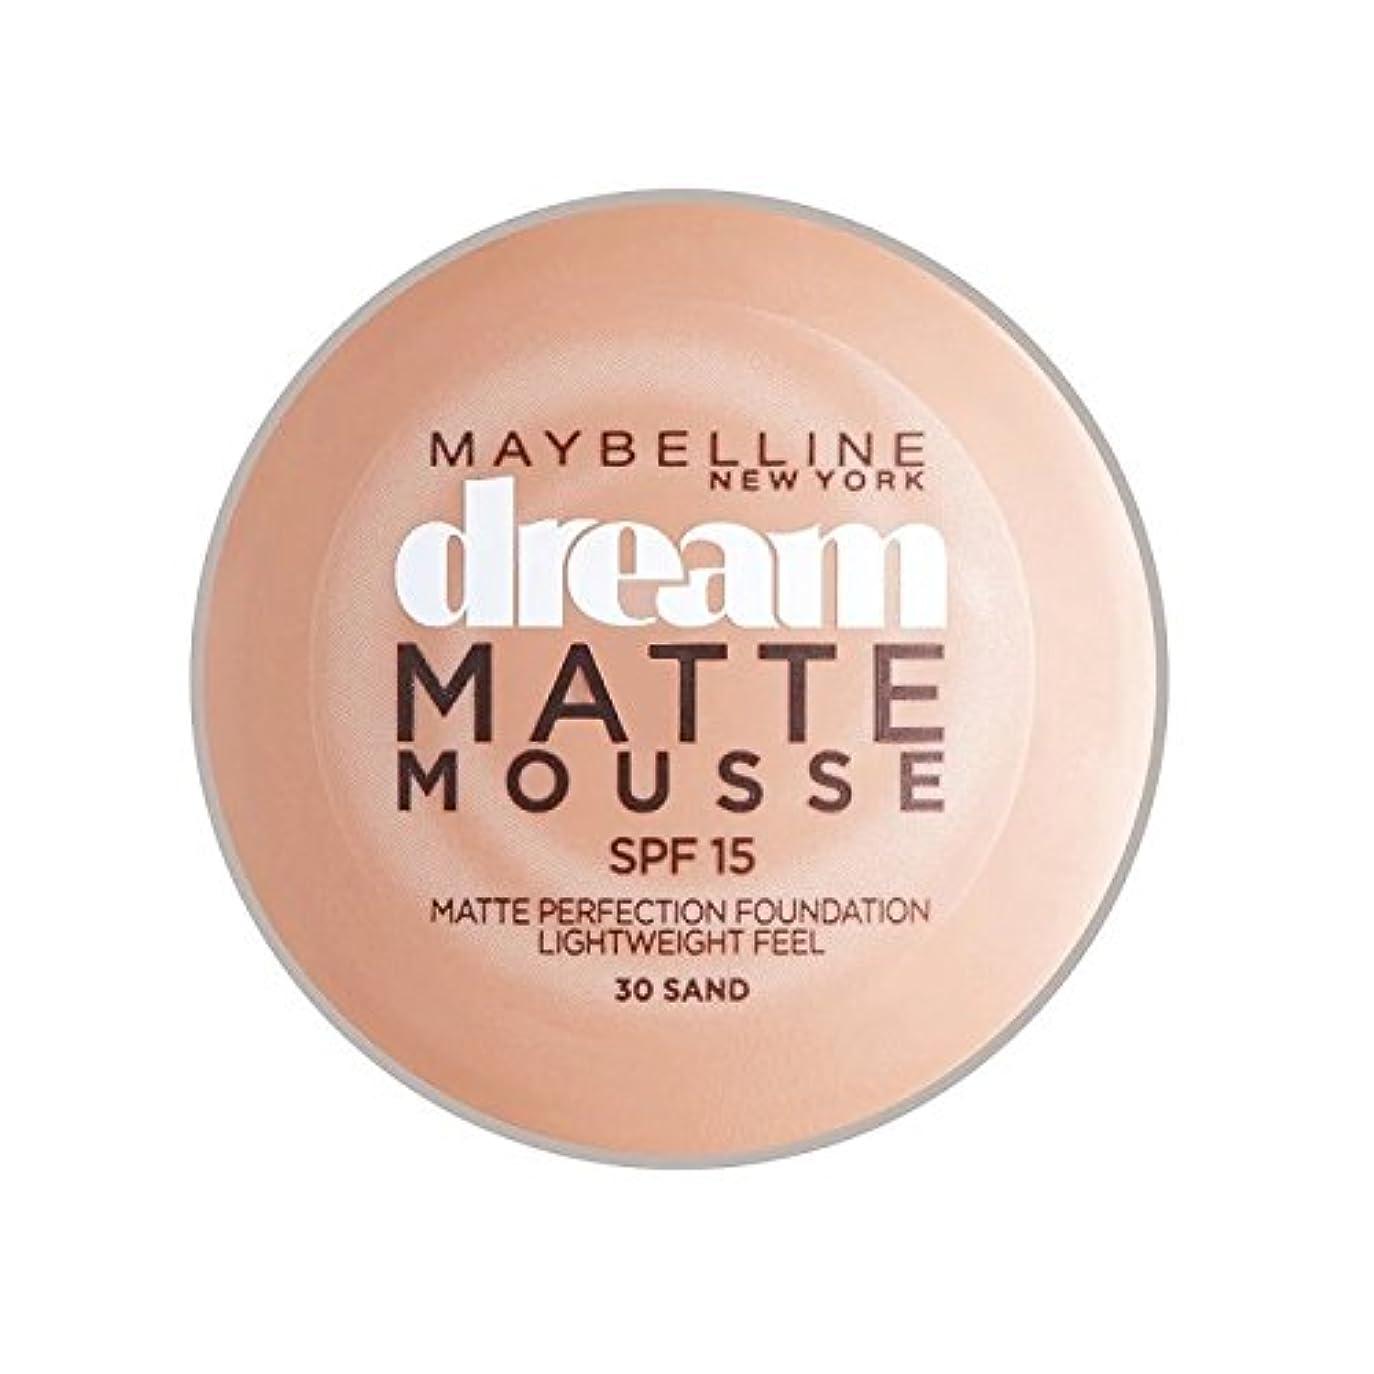 補う放散する次へメイベリン夢のマットムース土台30砂の10ミリリットル x4 - Maybelline Dream Matte Mousse Foundation 30 Sand 10ml (Pack of 4) [並行輸入品]